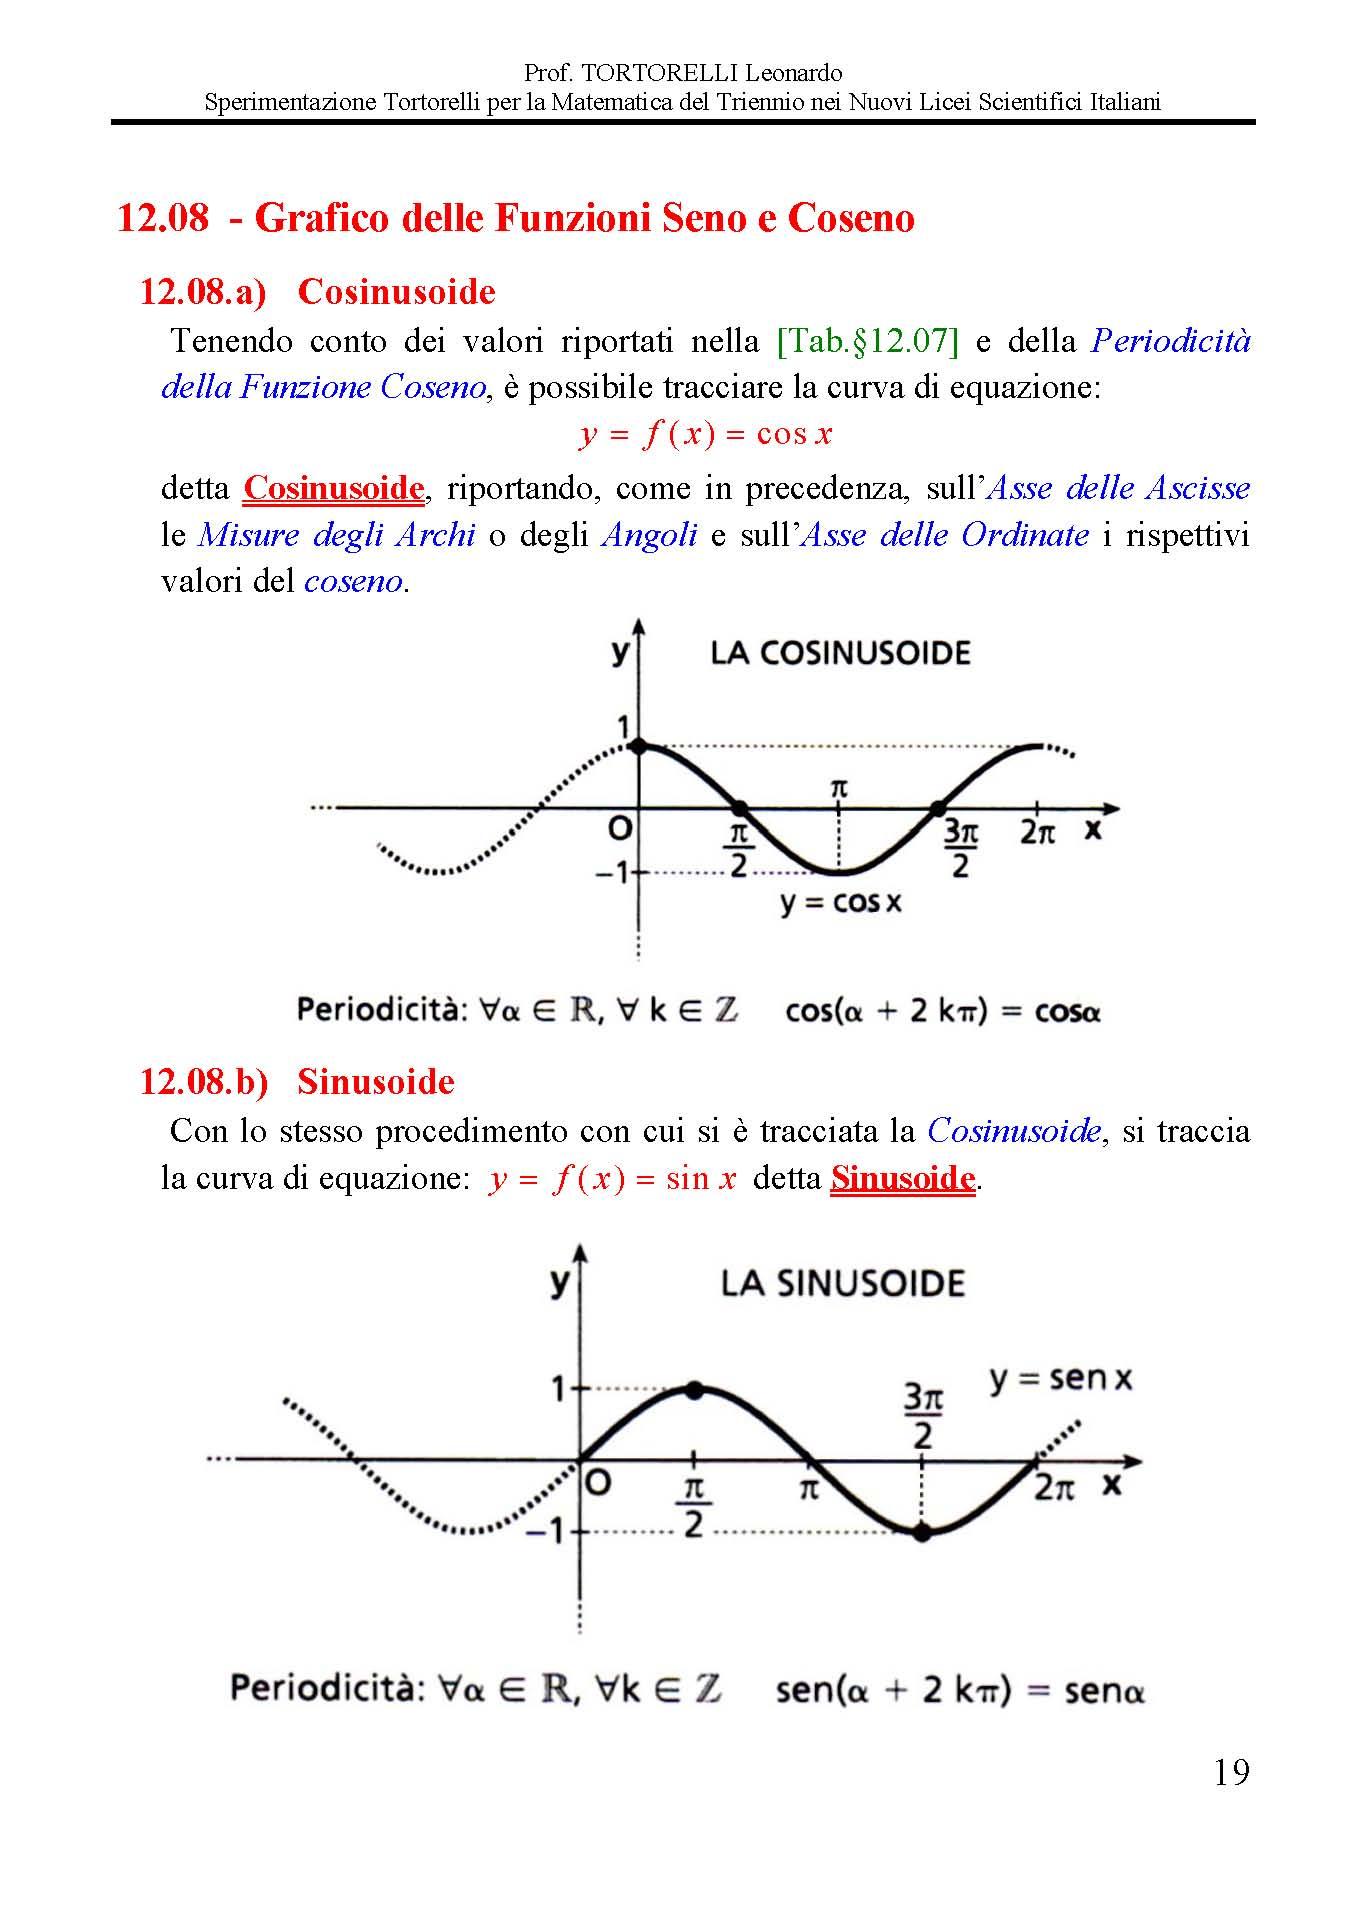 Grafico di Seno e Coseno